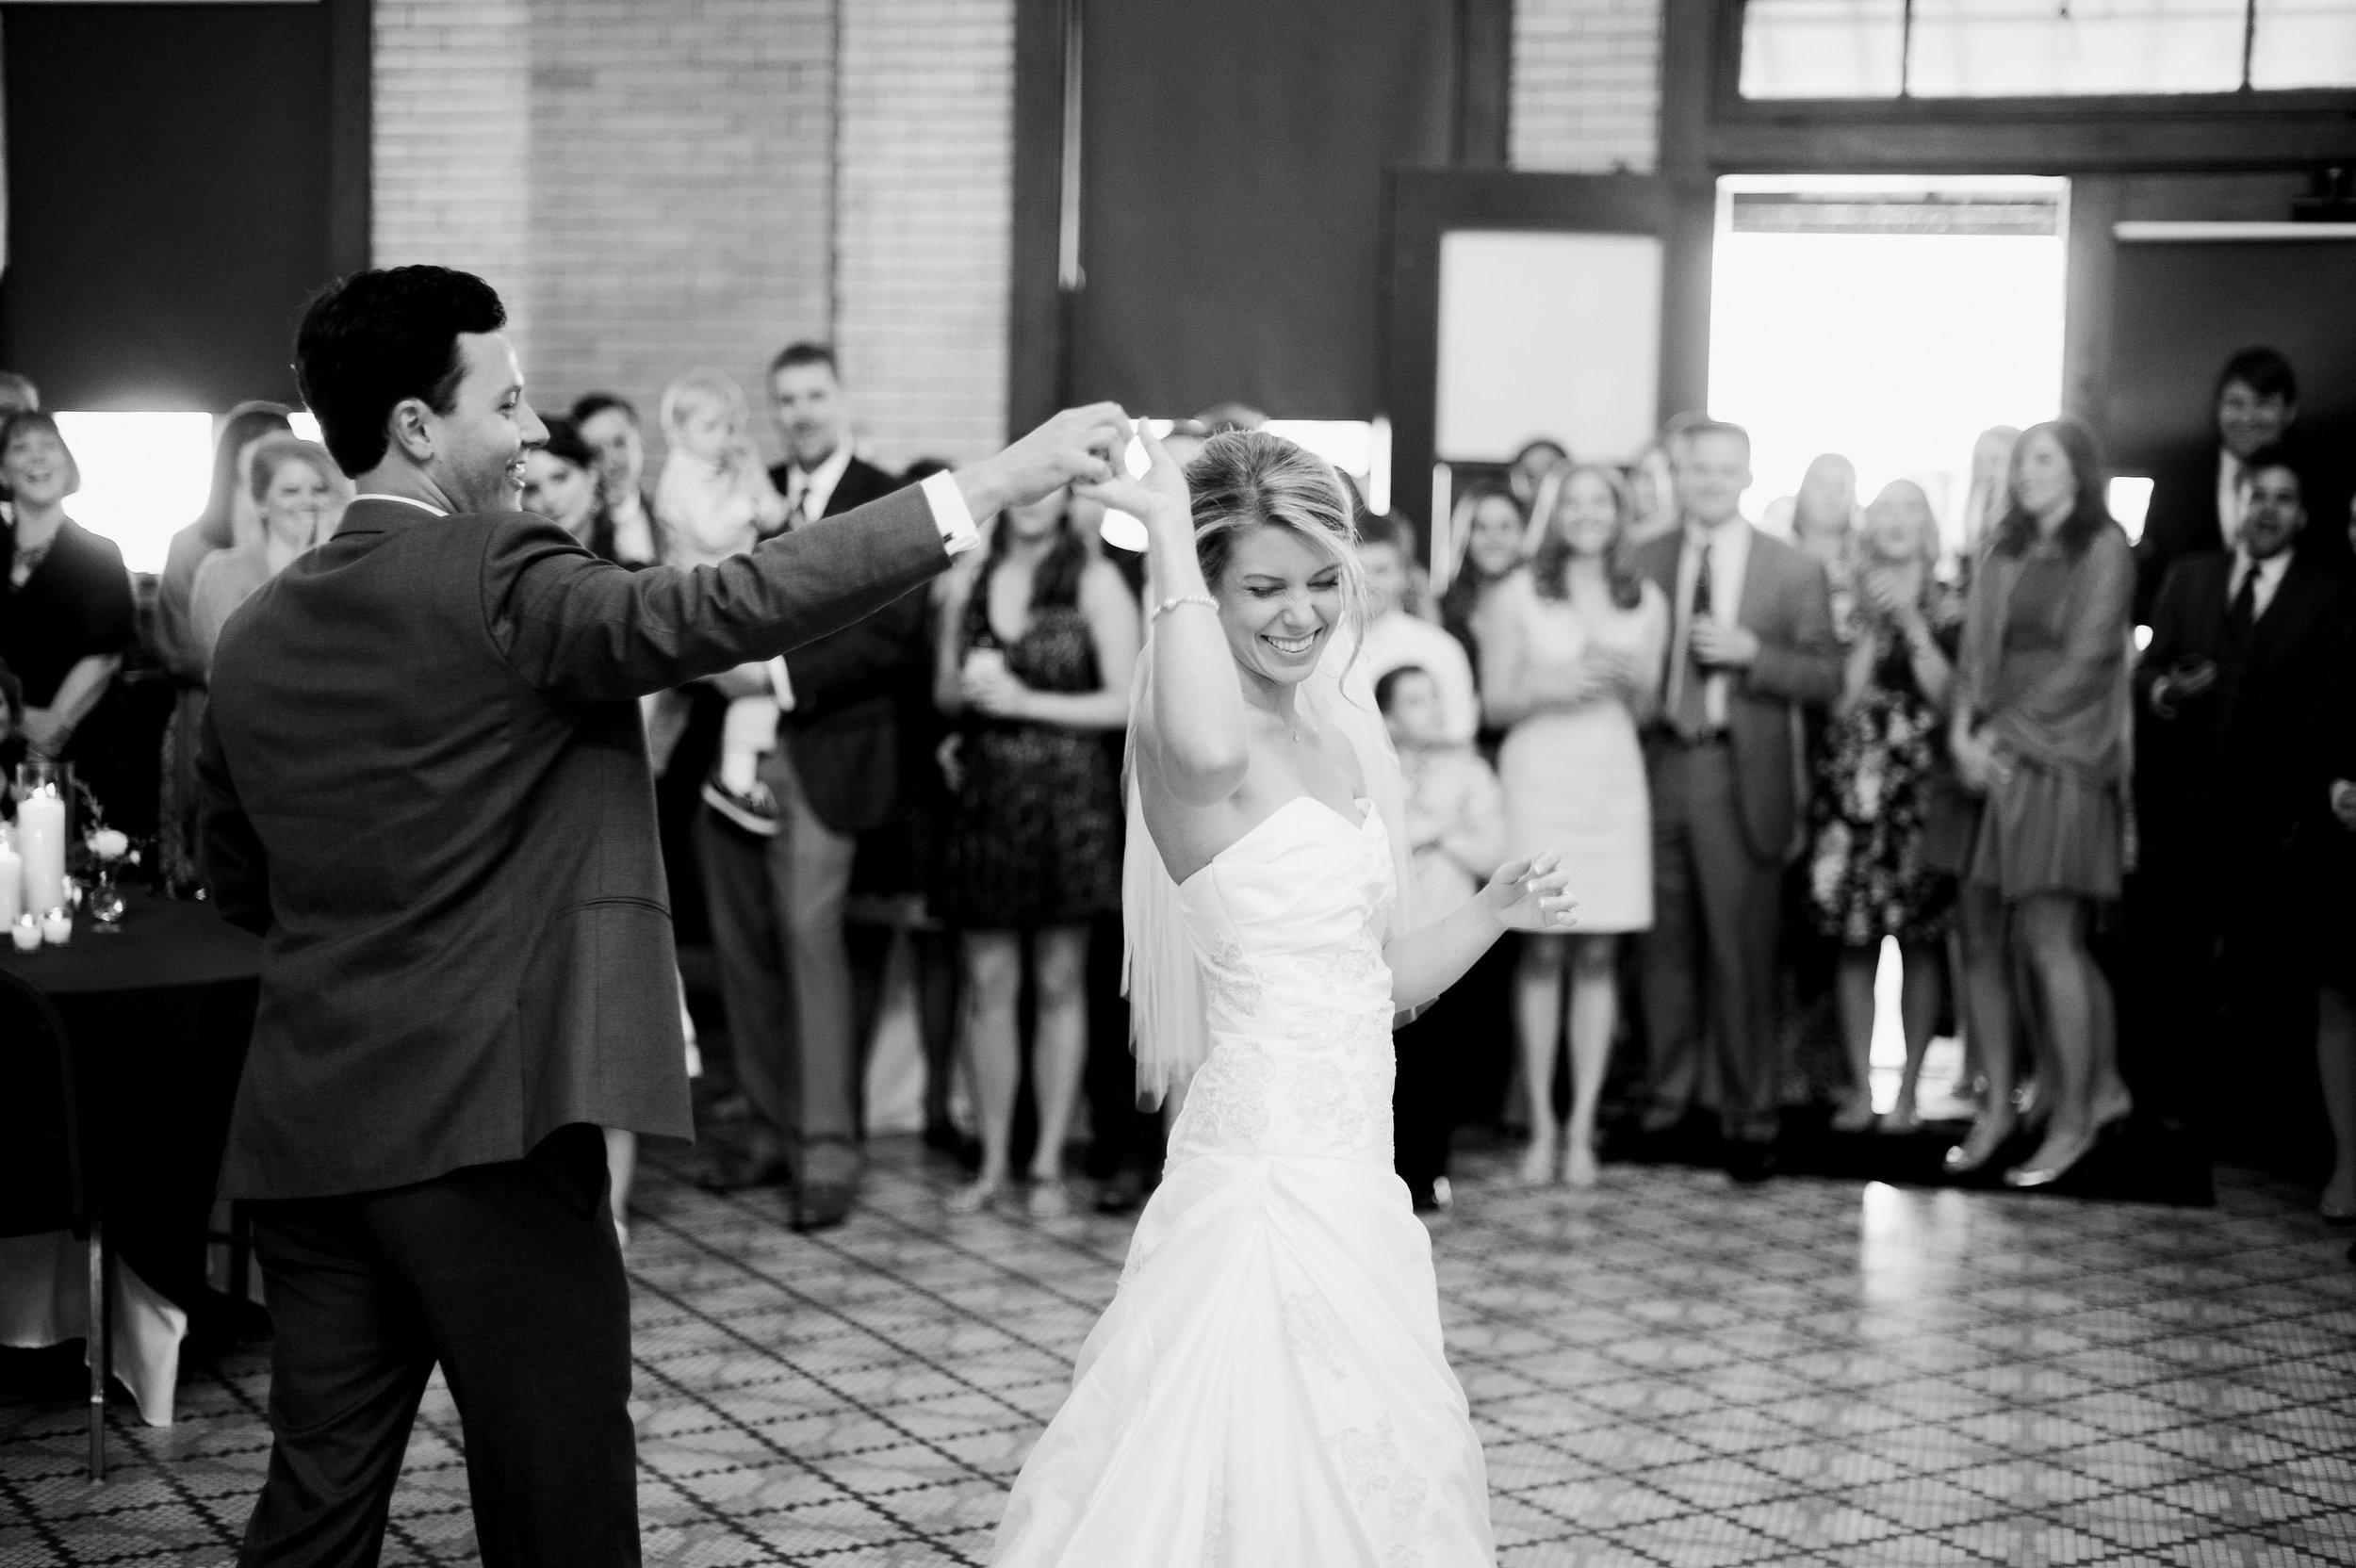 ernst-wedding-376-X5.jpg